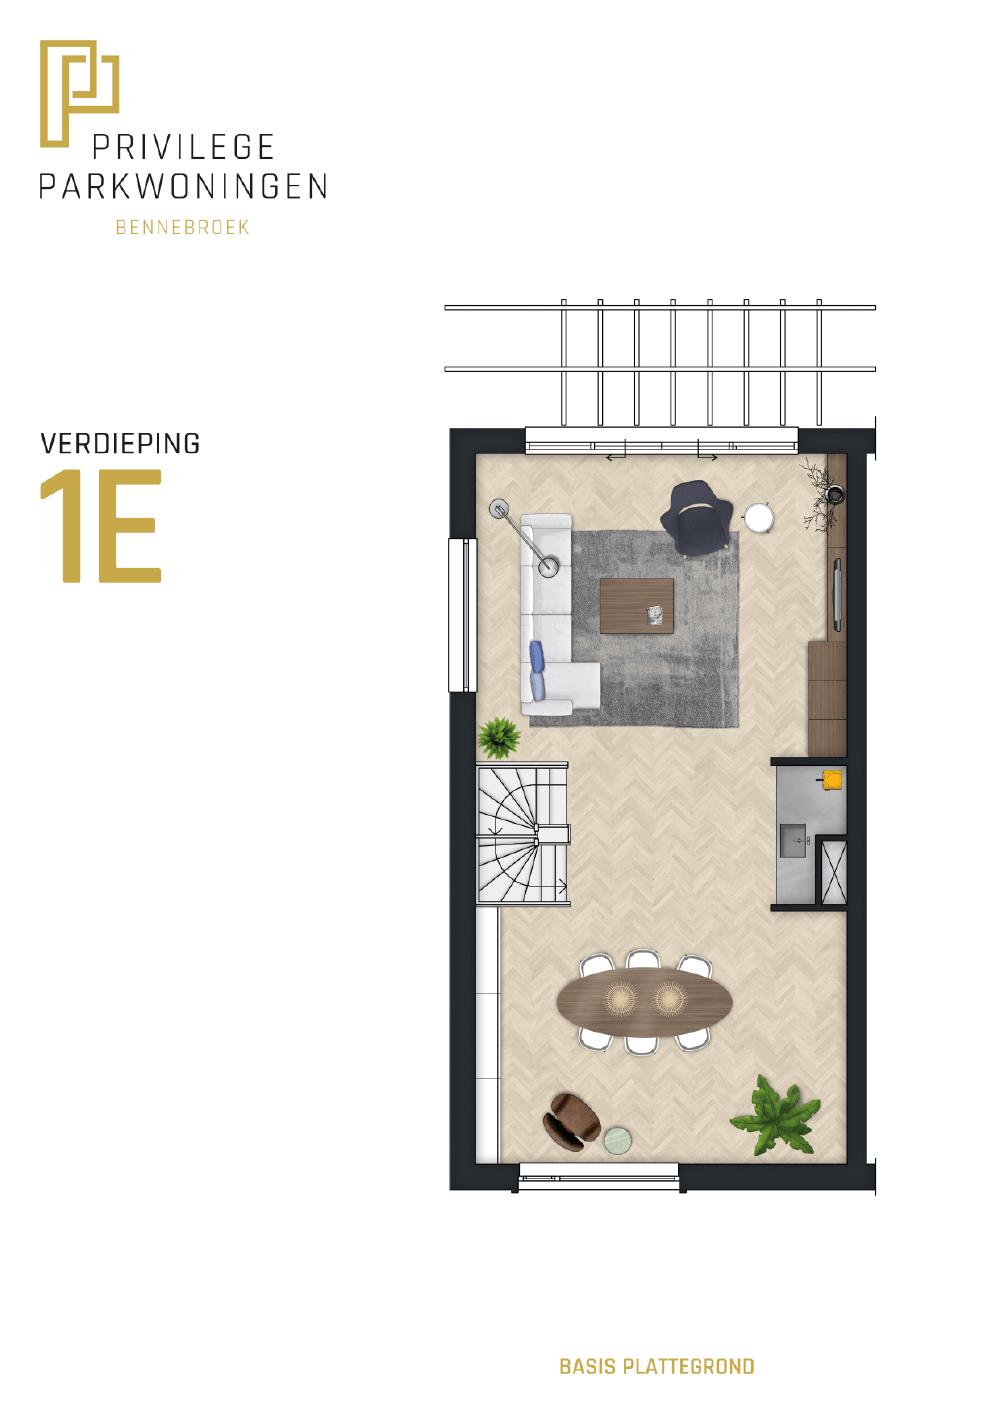 mvm-makelaardij-nieuwbouw-bennebroek-foto-plattegrond-1